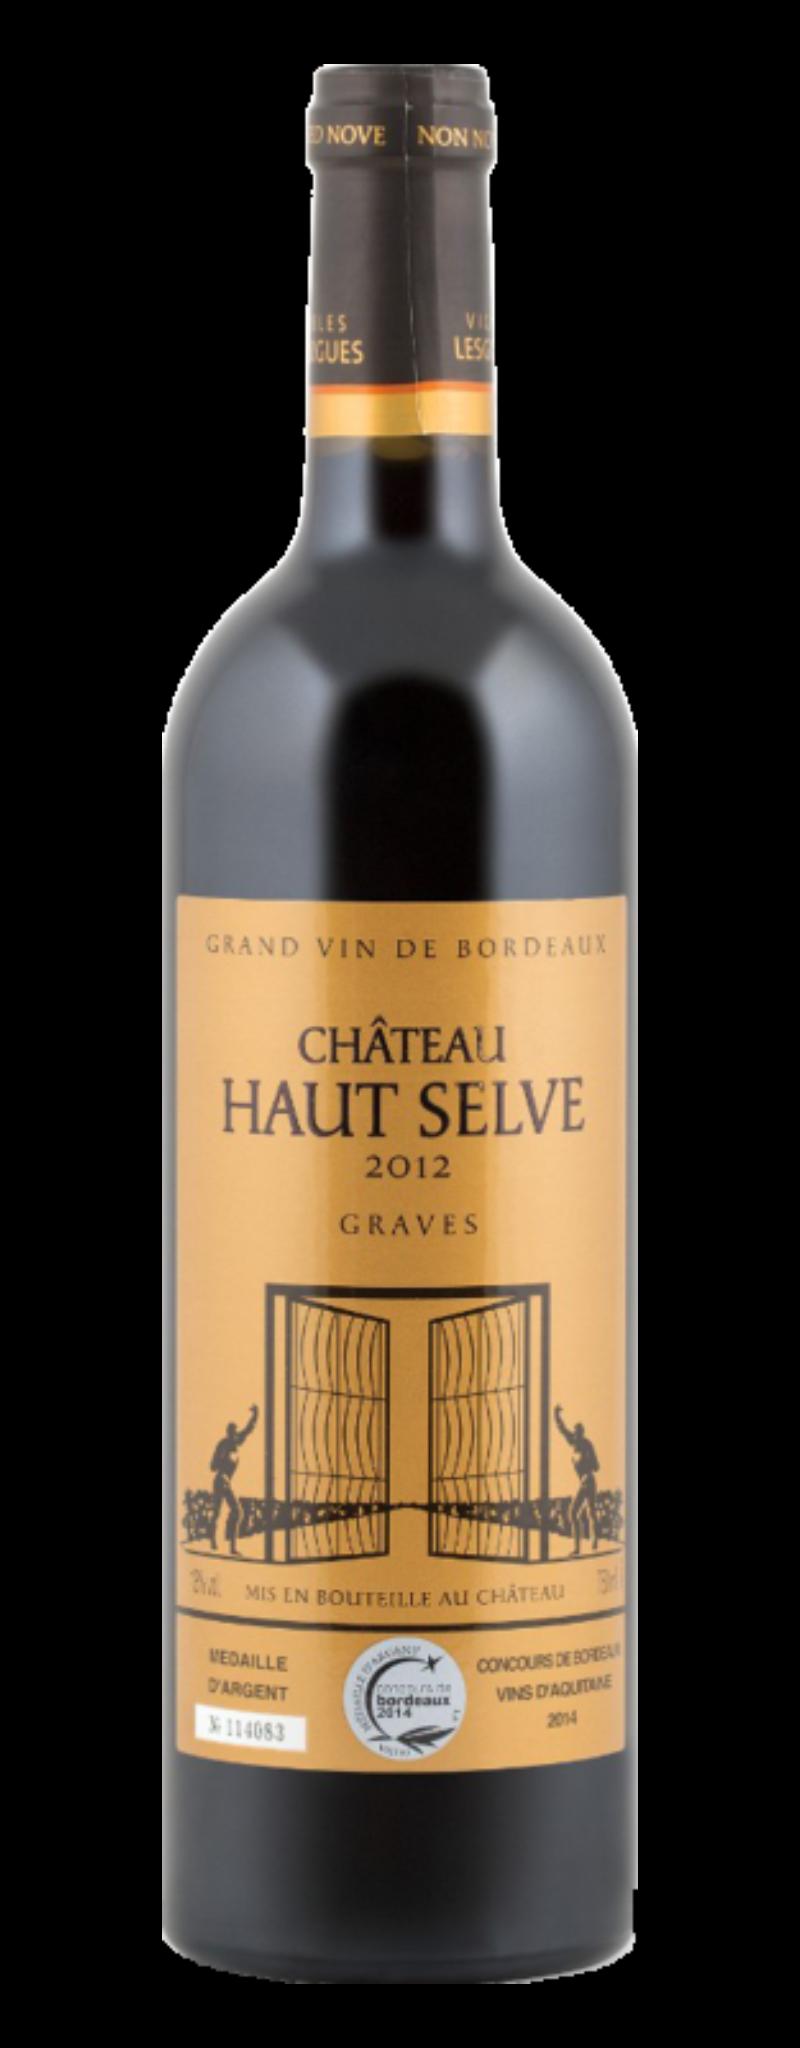 Chateau Haut Selve – Cabernet Sauv / Merlot  - 750ml